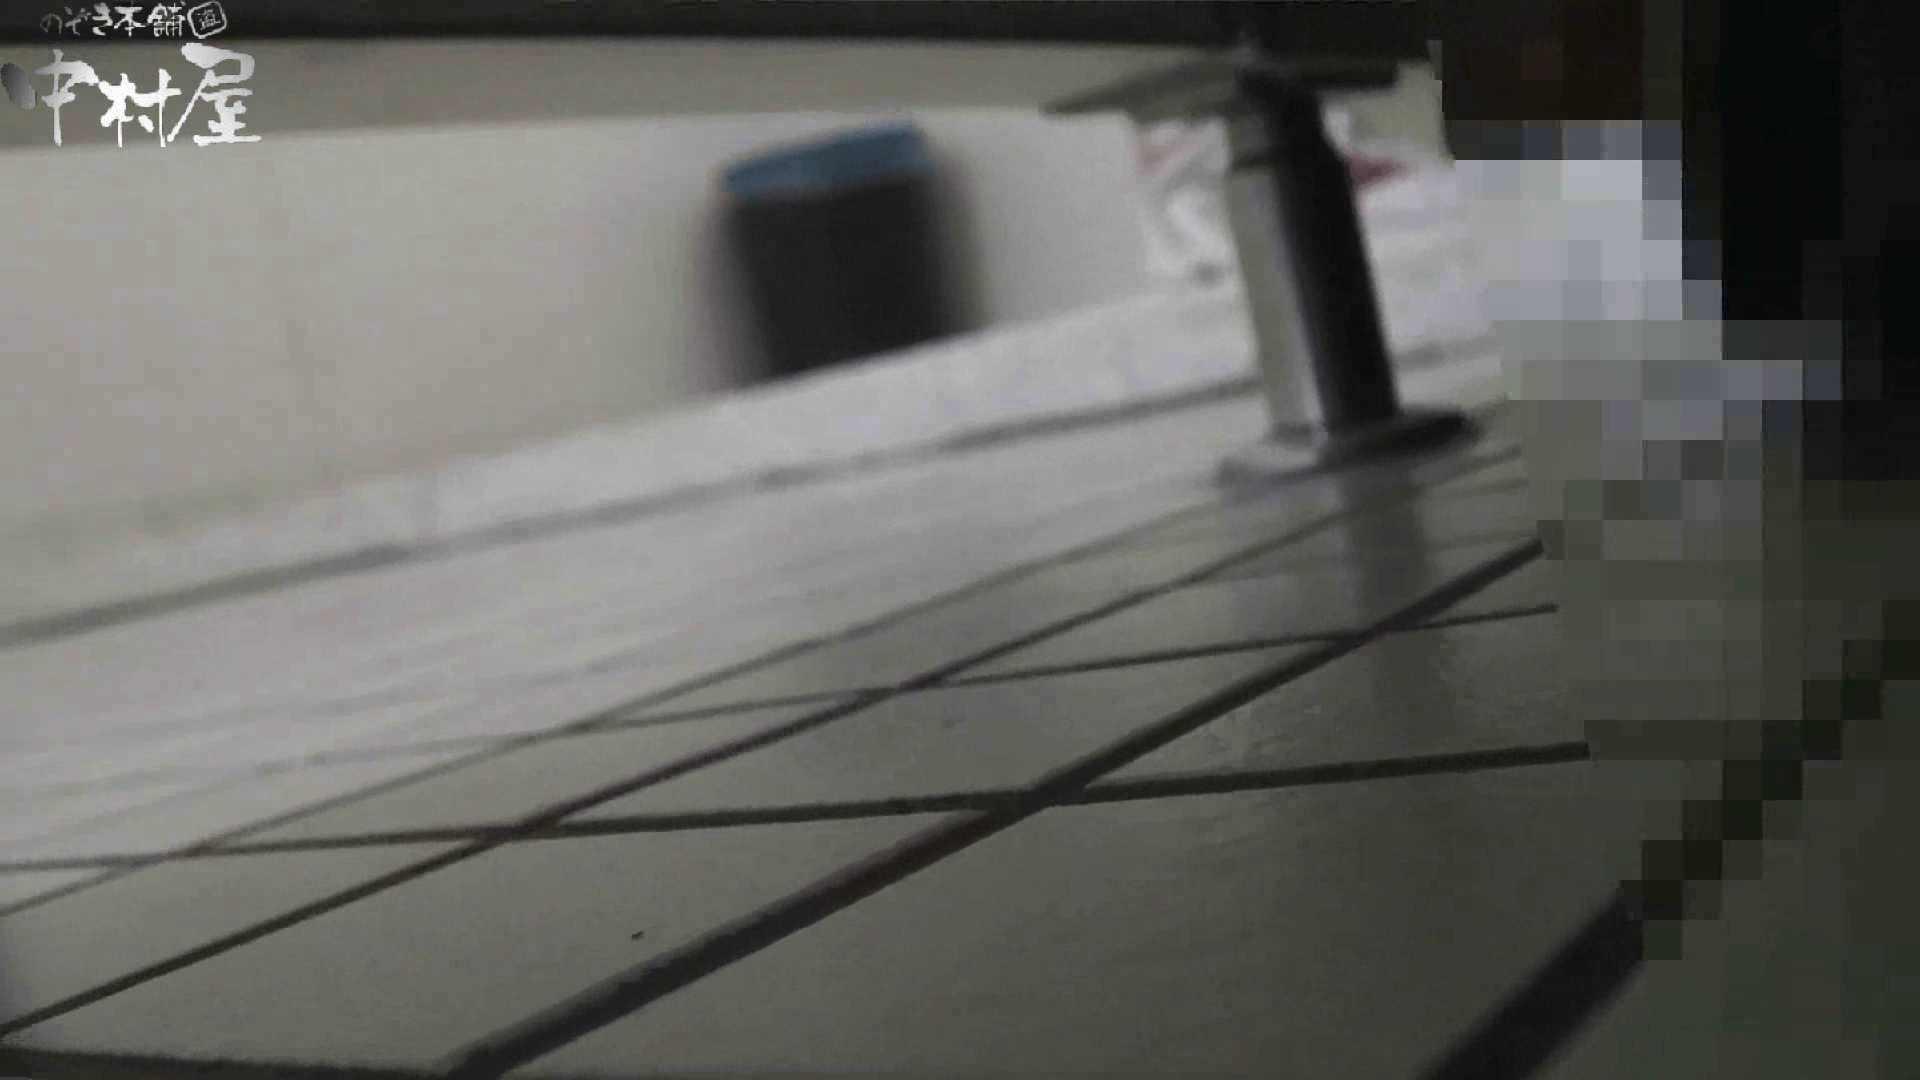 【お銀さんの「洗面所突入レポート!!」】お銀さんの「洗面所突入レポート!!」 vol.29 ∑(゚Д゚)アッ! 洗面所 | HなOL  100pic 63